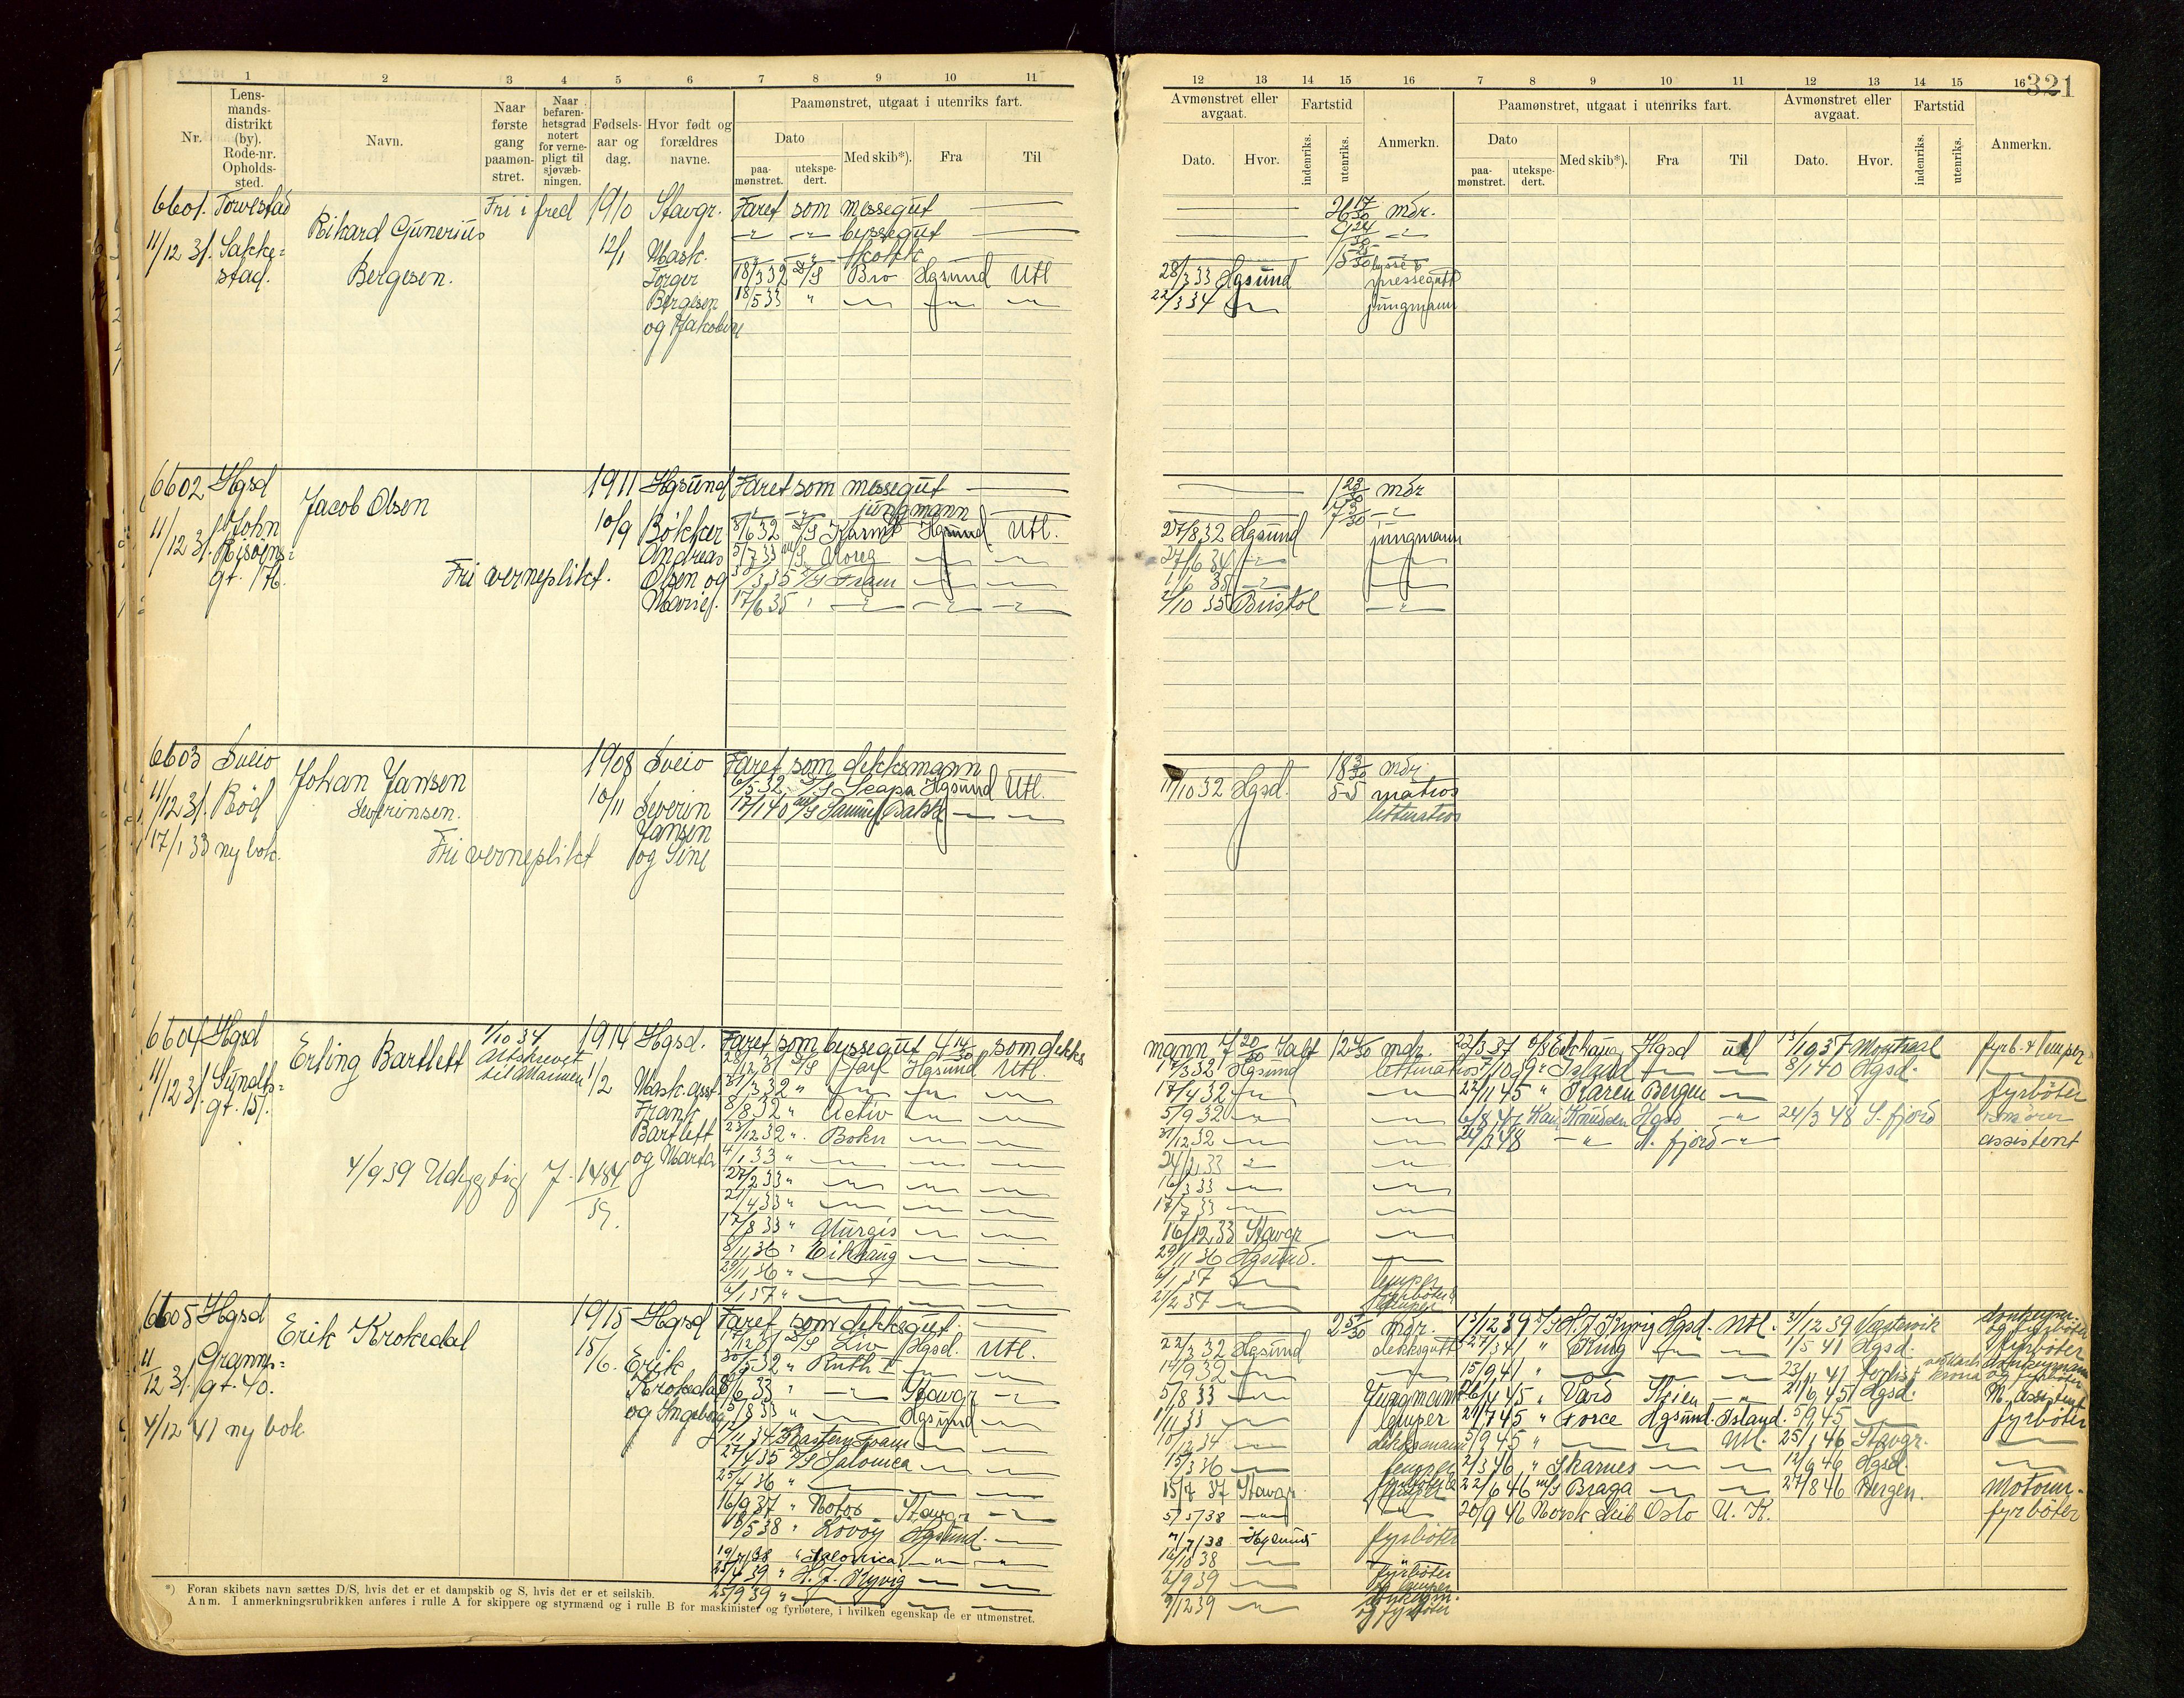 SAST, Haugesund sjømannskontor, F/Fb/Fbb/L0015: Sjøfartsrulle A Haugesund krets I nr 5001-8970, 1912-1948, s. 321